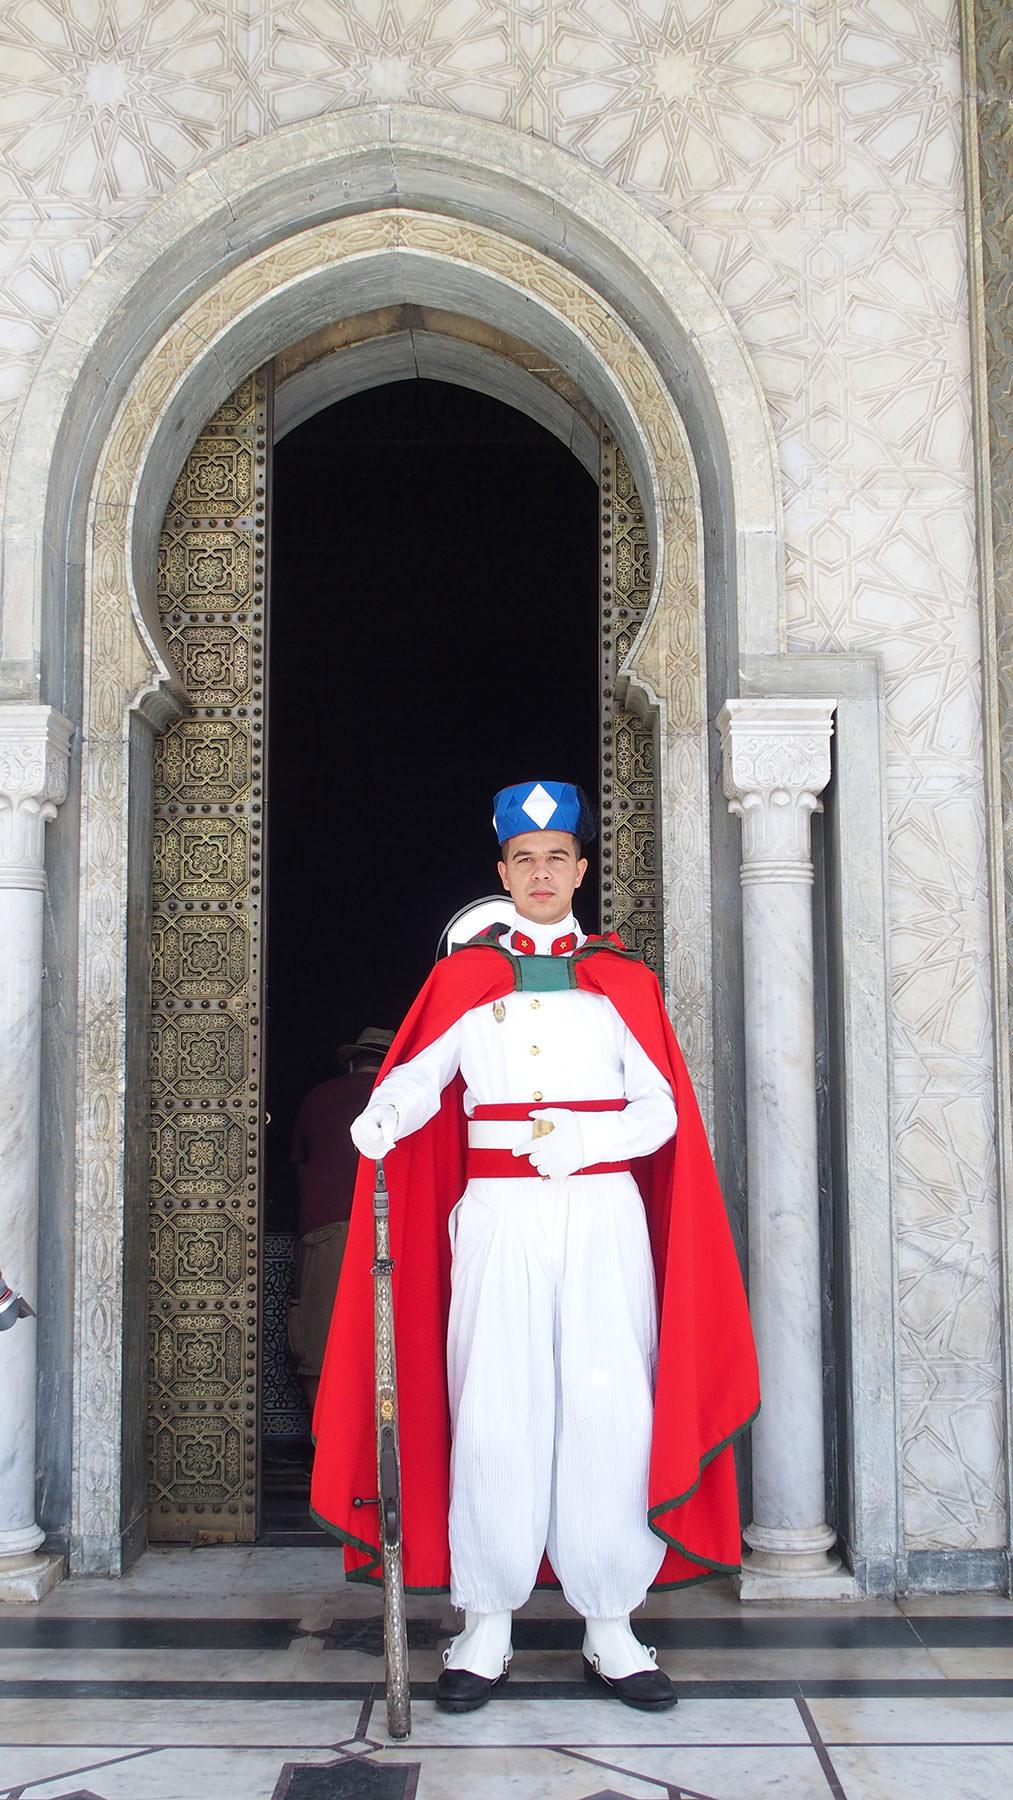 In meinem neuen Reiseroman führt ein Ausflug nach Rabat.